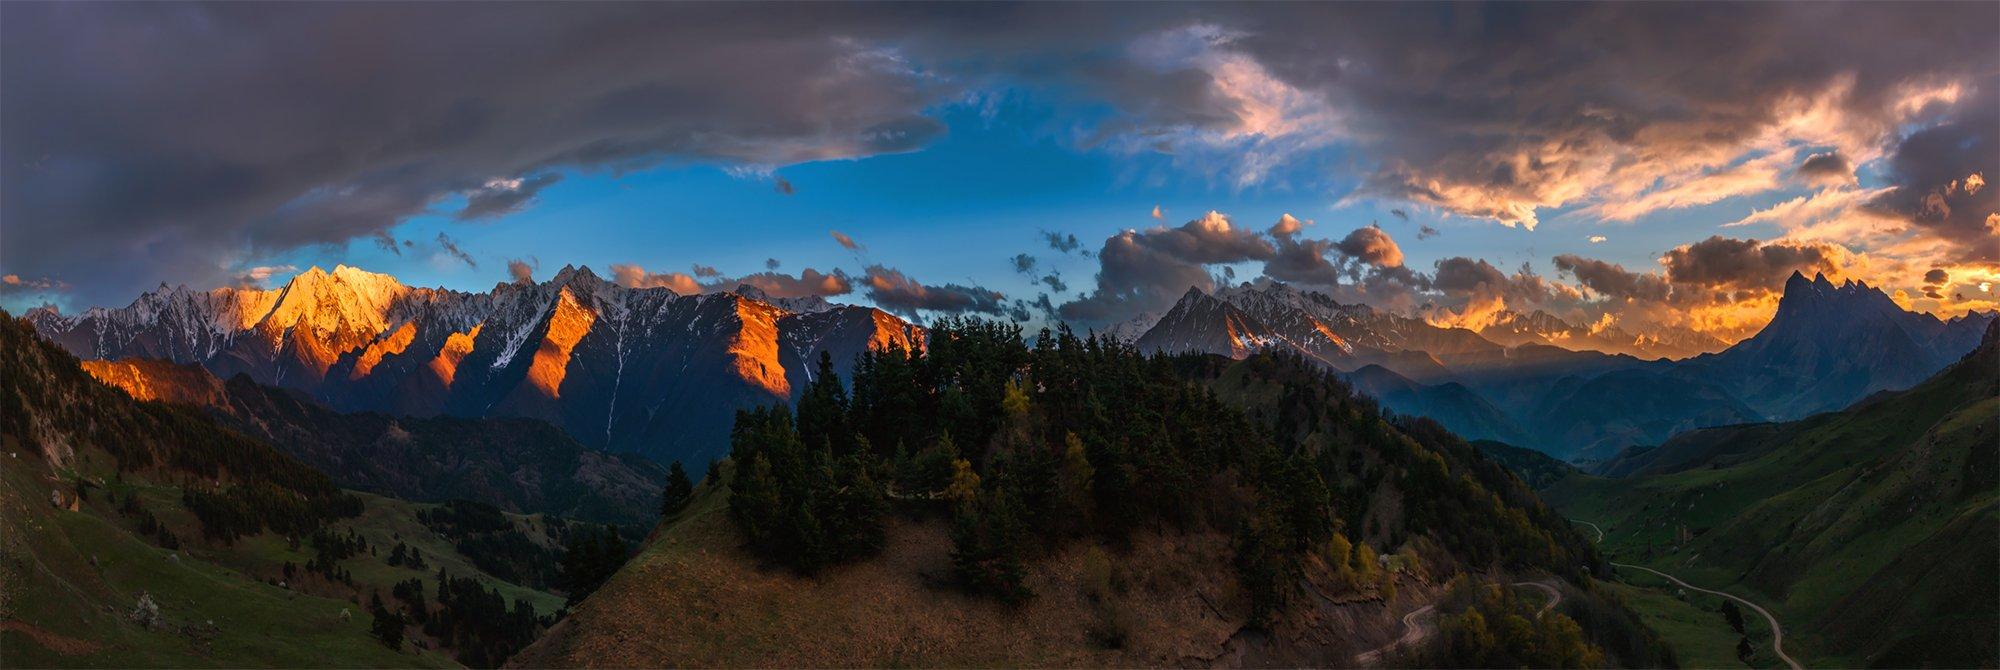 природа, пейзаж, горы, кавказ, природа россии, дикая природа, закат, свет, облака, вечер, весна, панорама, Беляев Альберт